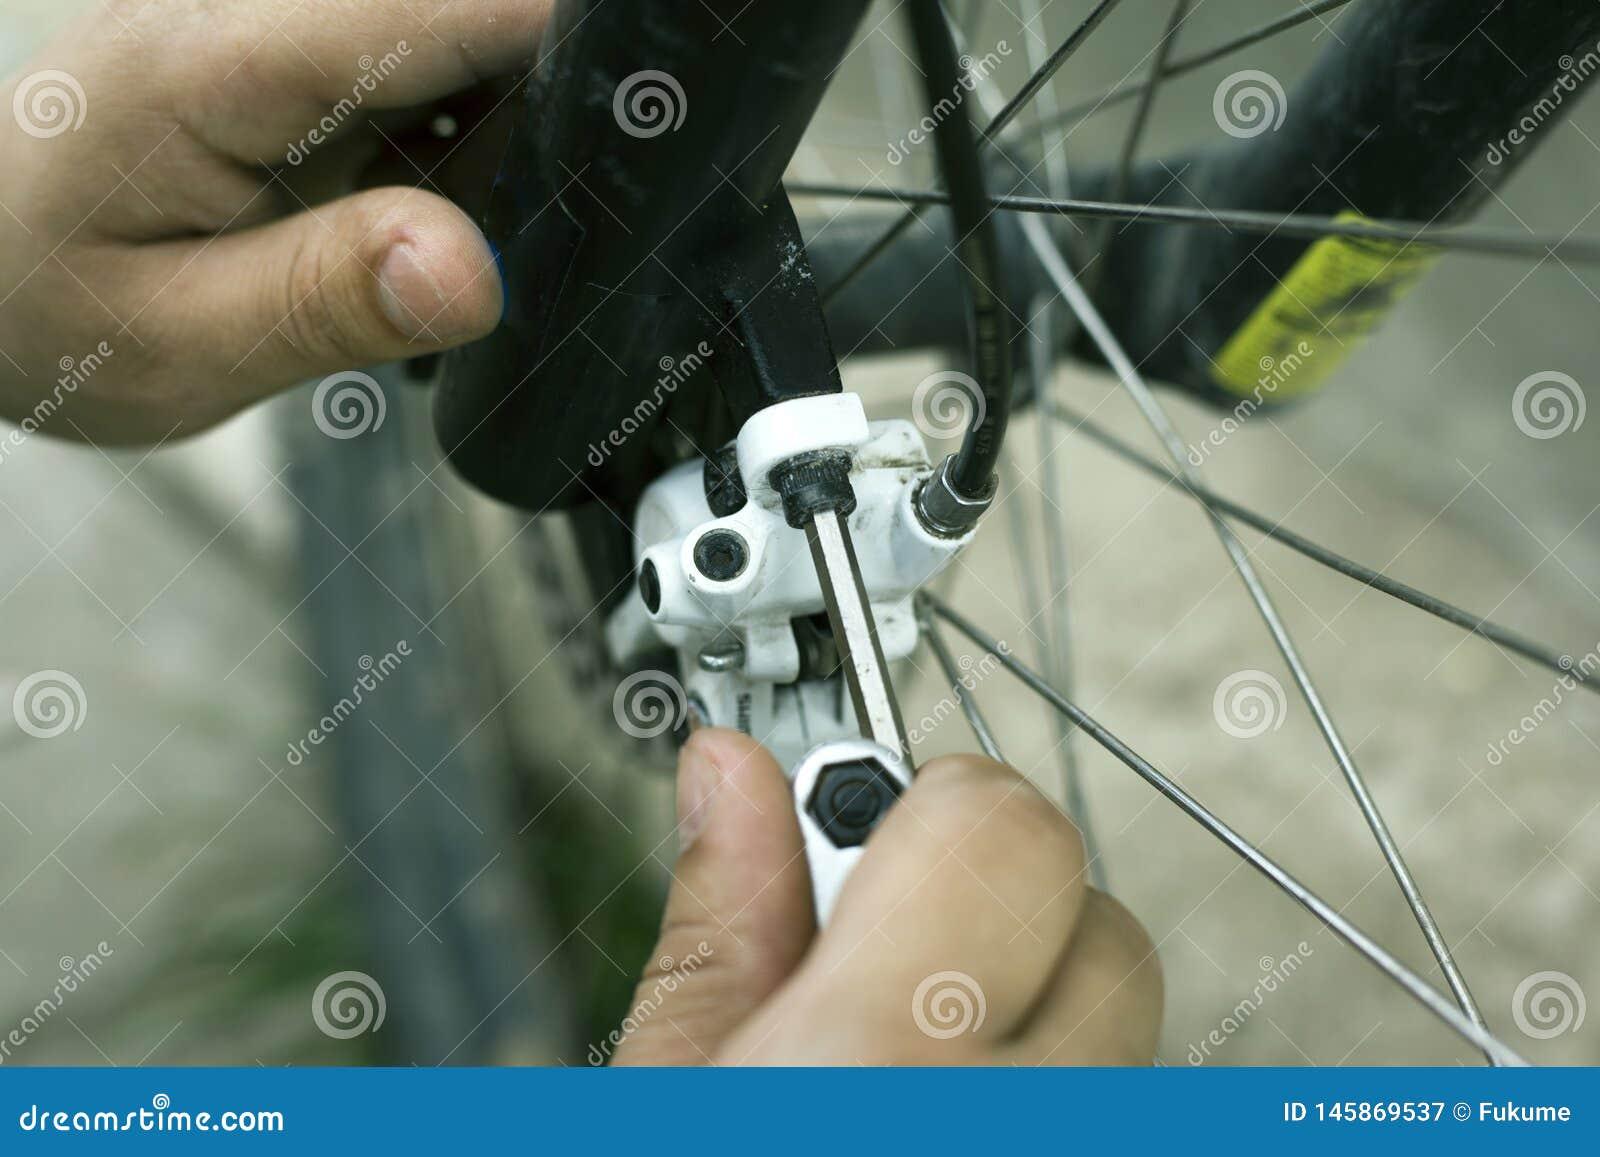 Reparatie en aanpassing van schijfremmen op een bergfiets, fietshulpmiddelen